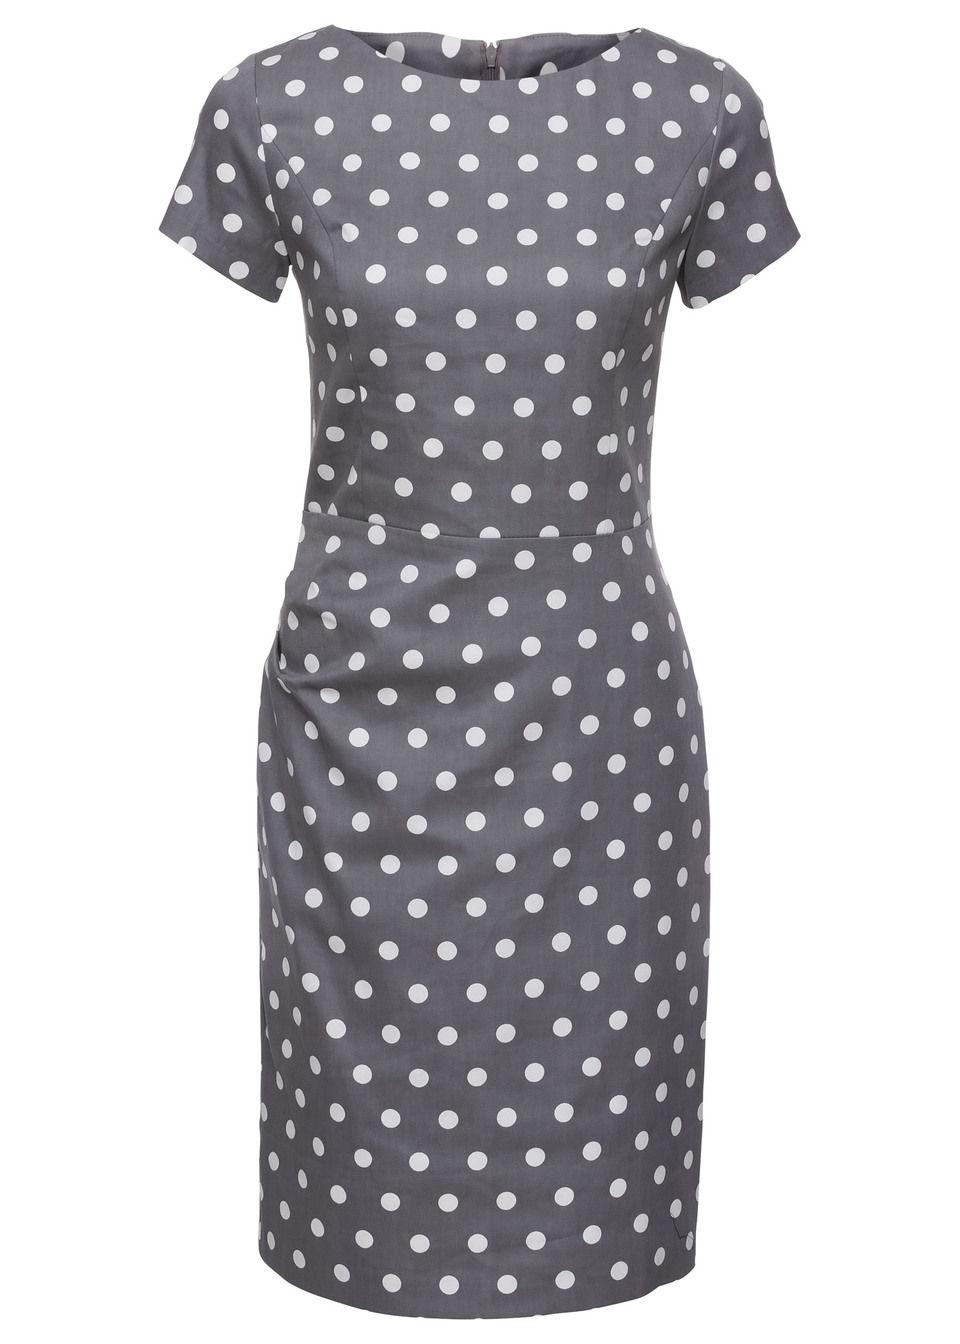 Sukienka bonprix szaro/biały w kropki